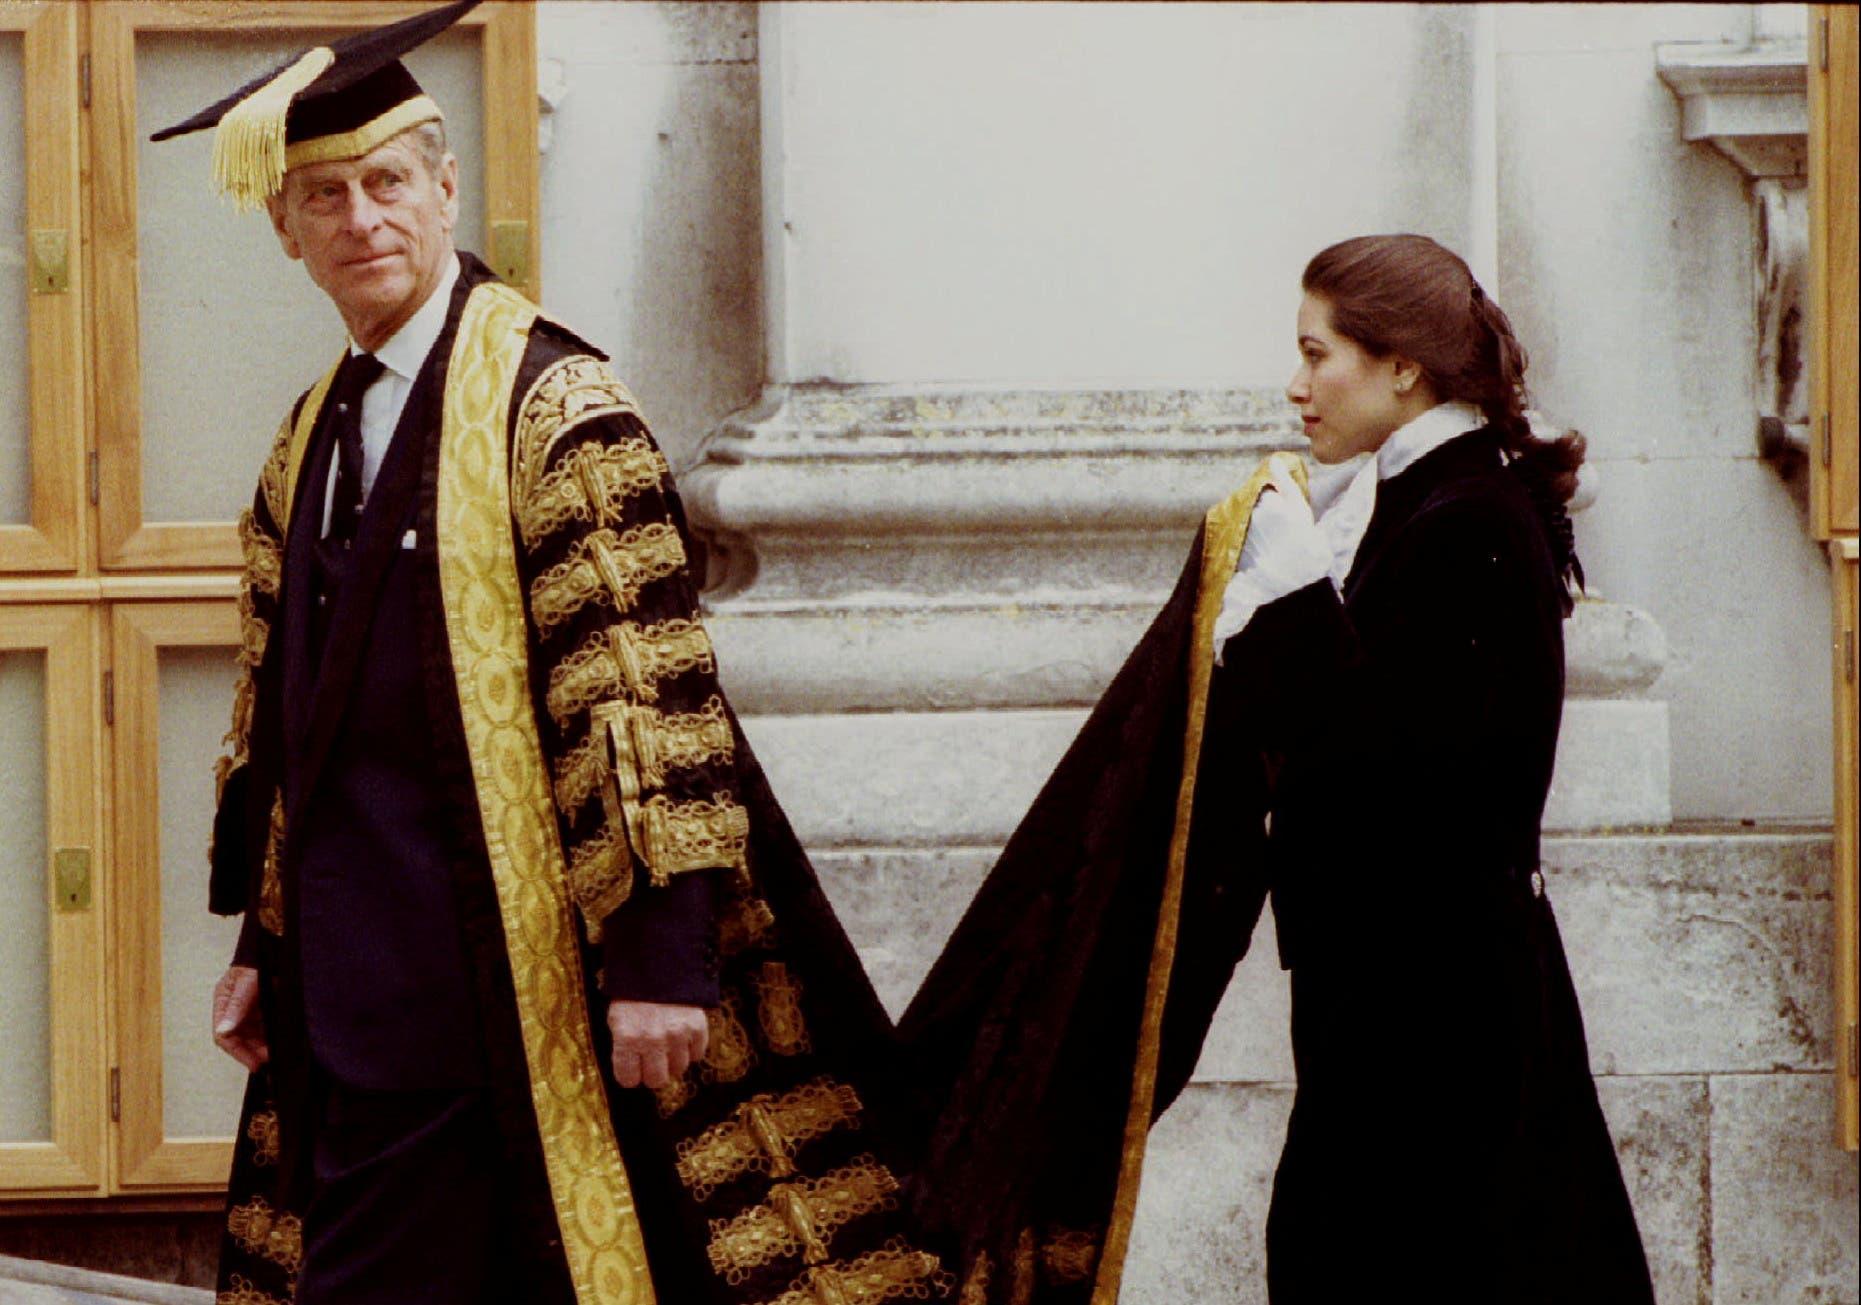 الأمير فيليب في صورة تعود لعام 1994